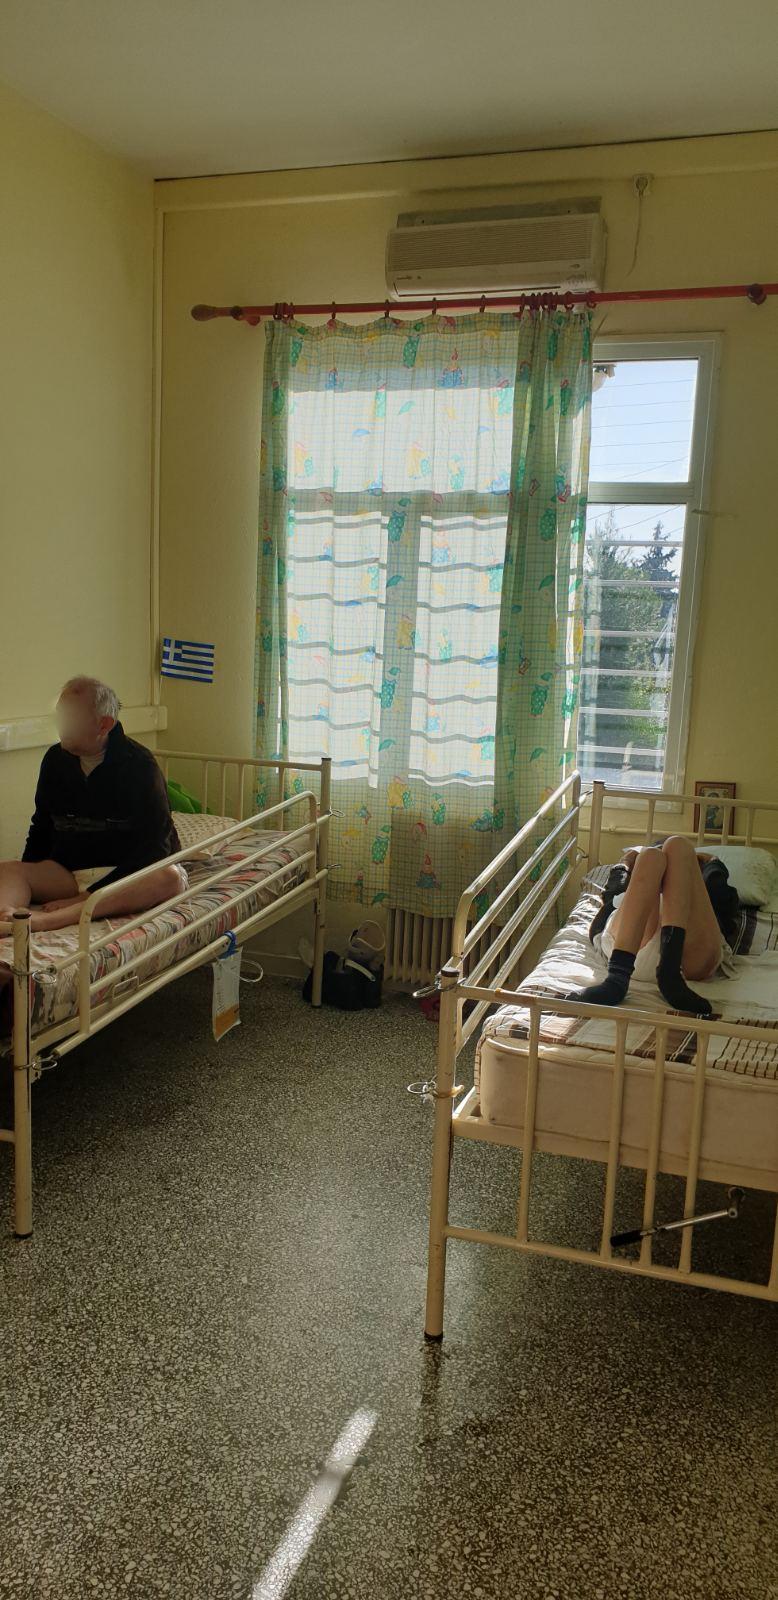 Θεραπευτήριο «Αγία Βαρβάρα»: Σε εγκατάλειψη 150 ΑμεΑ – Χωρίς προσωπικό και χωρίς είδη πρώτης ανάγκης